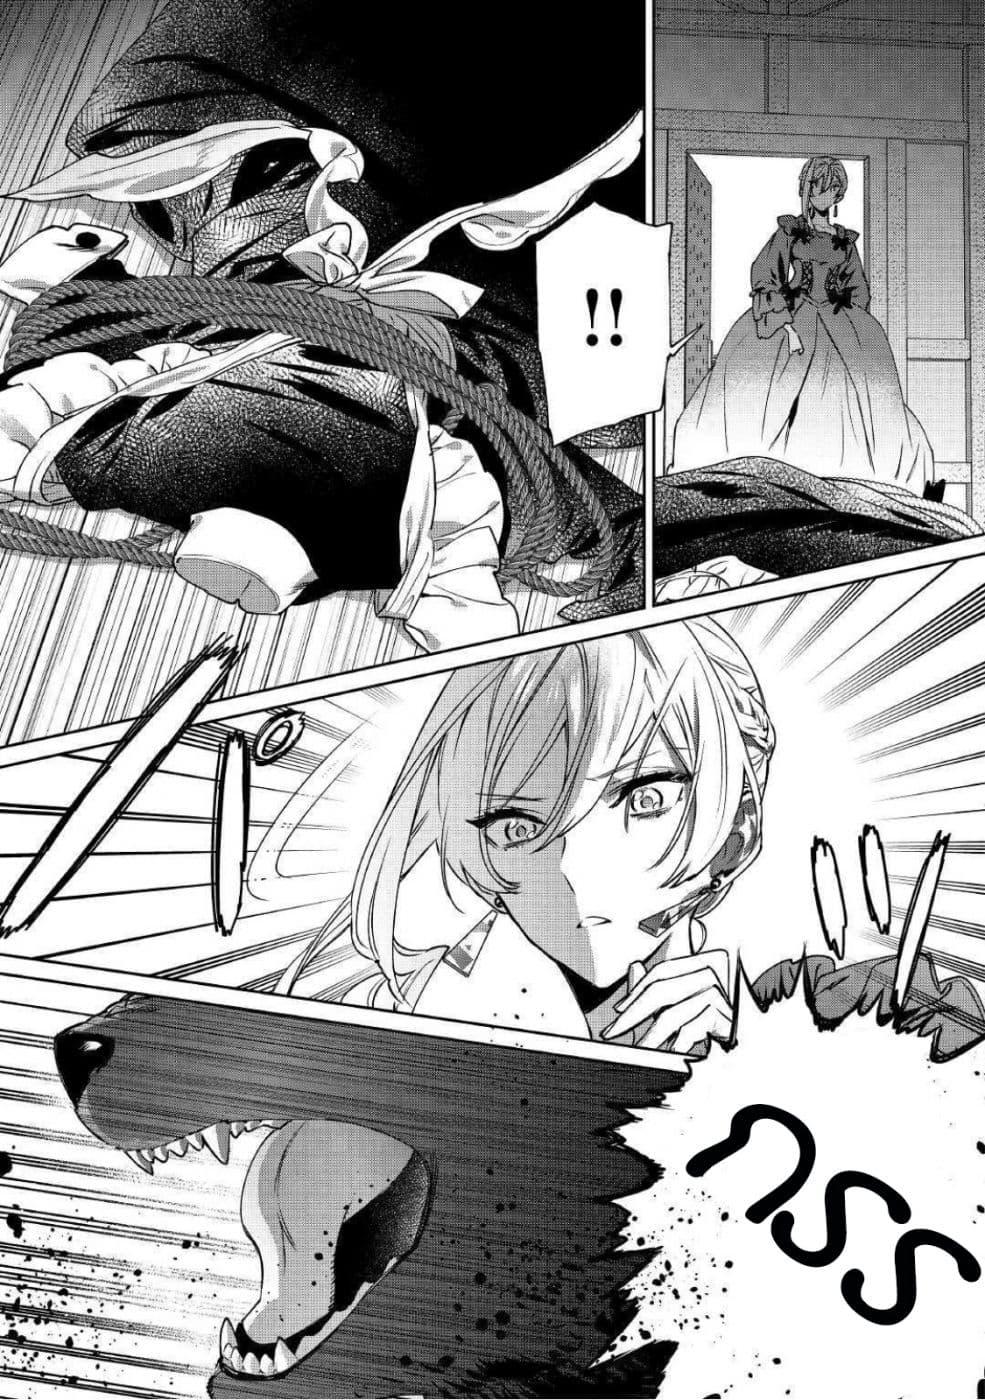 อ่านการ์ตูน Saigo ni Hitotsu Dake Onengai Shitemo Yoroshii Deshouka ตอนที่ 5 หน้าที่ 5